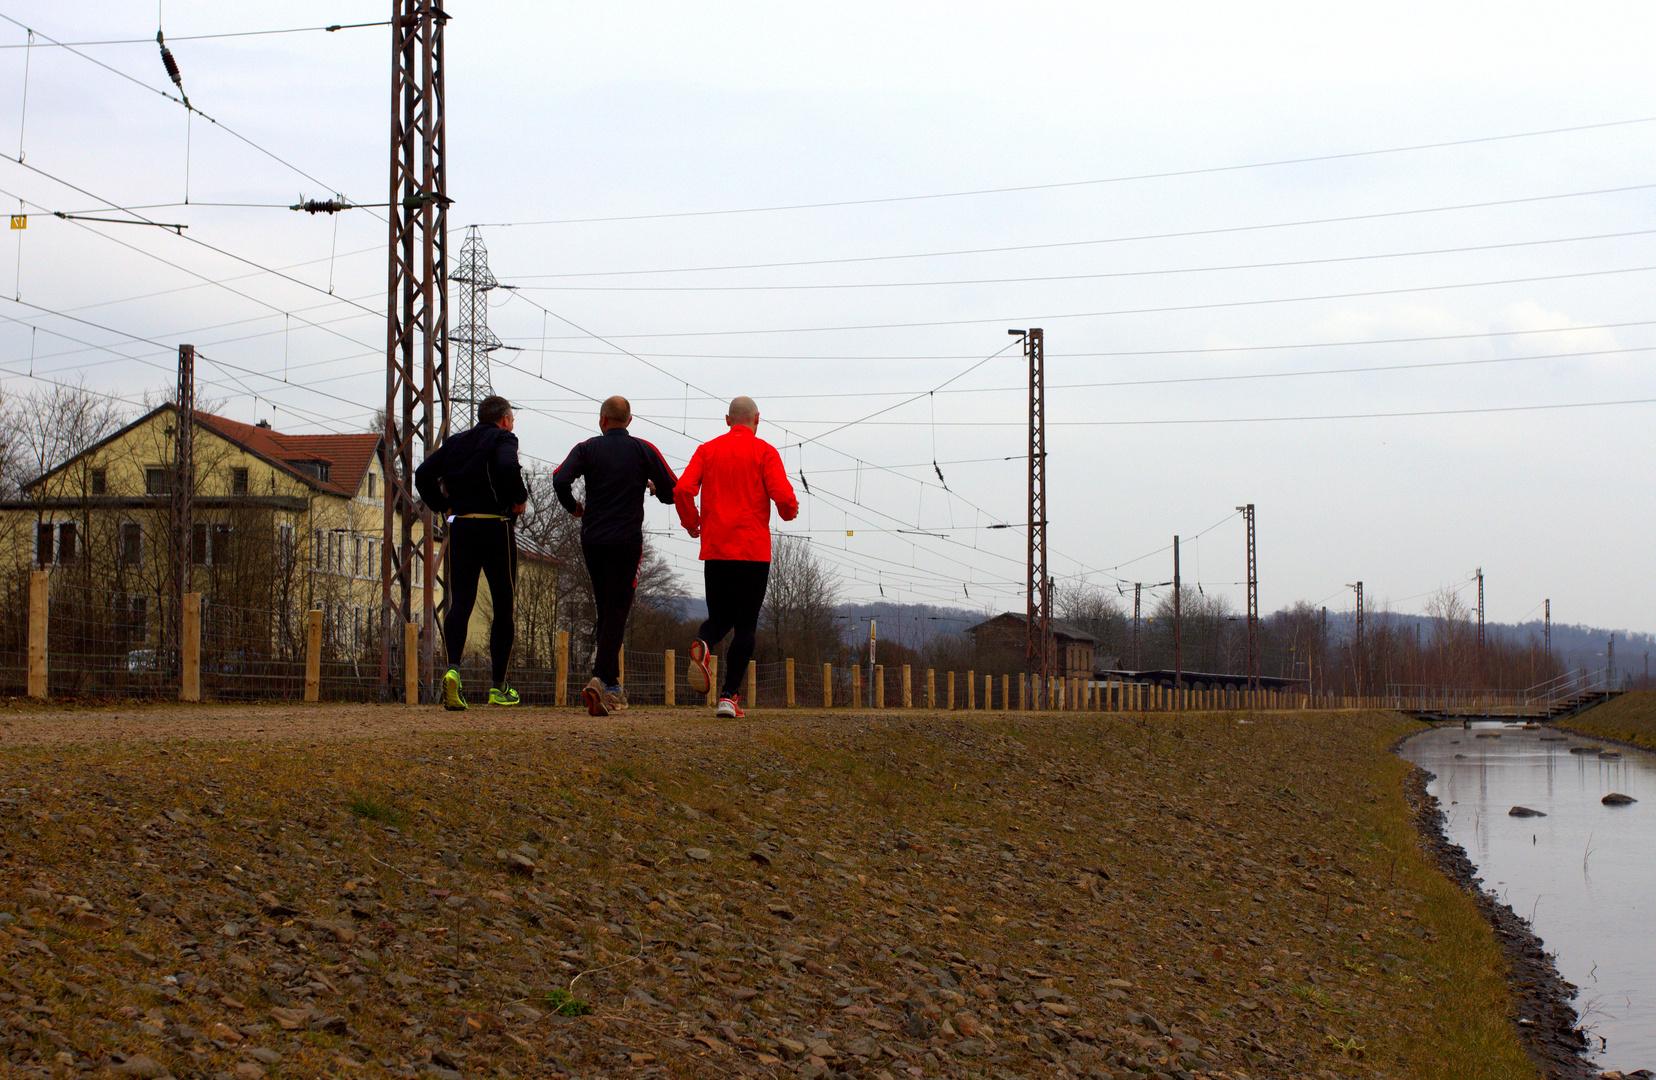 Strommasten-Lauf